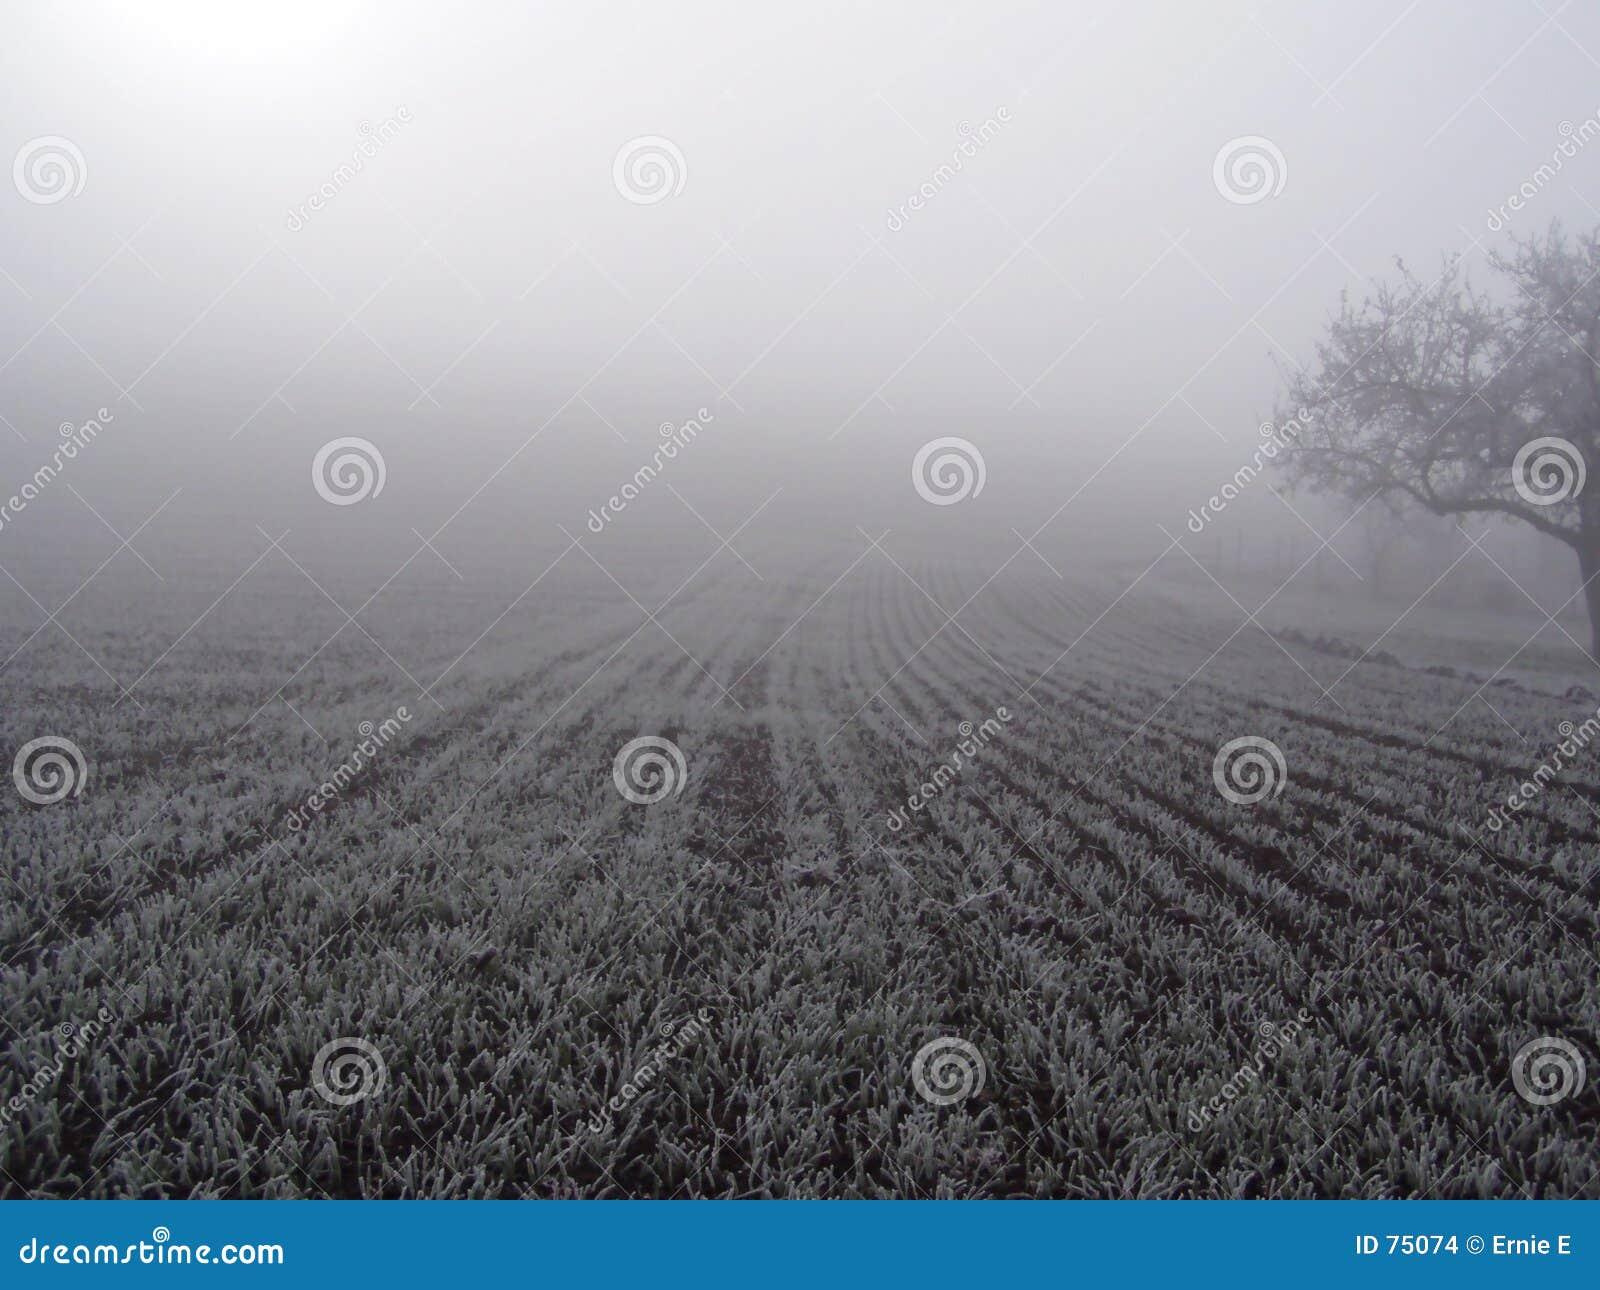 Field in the fog.